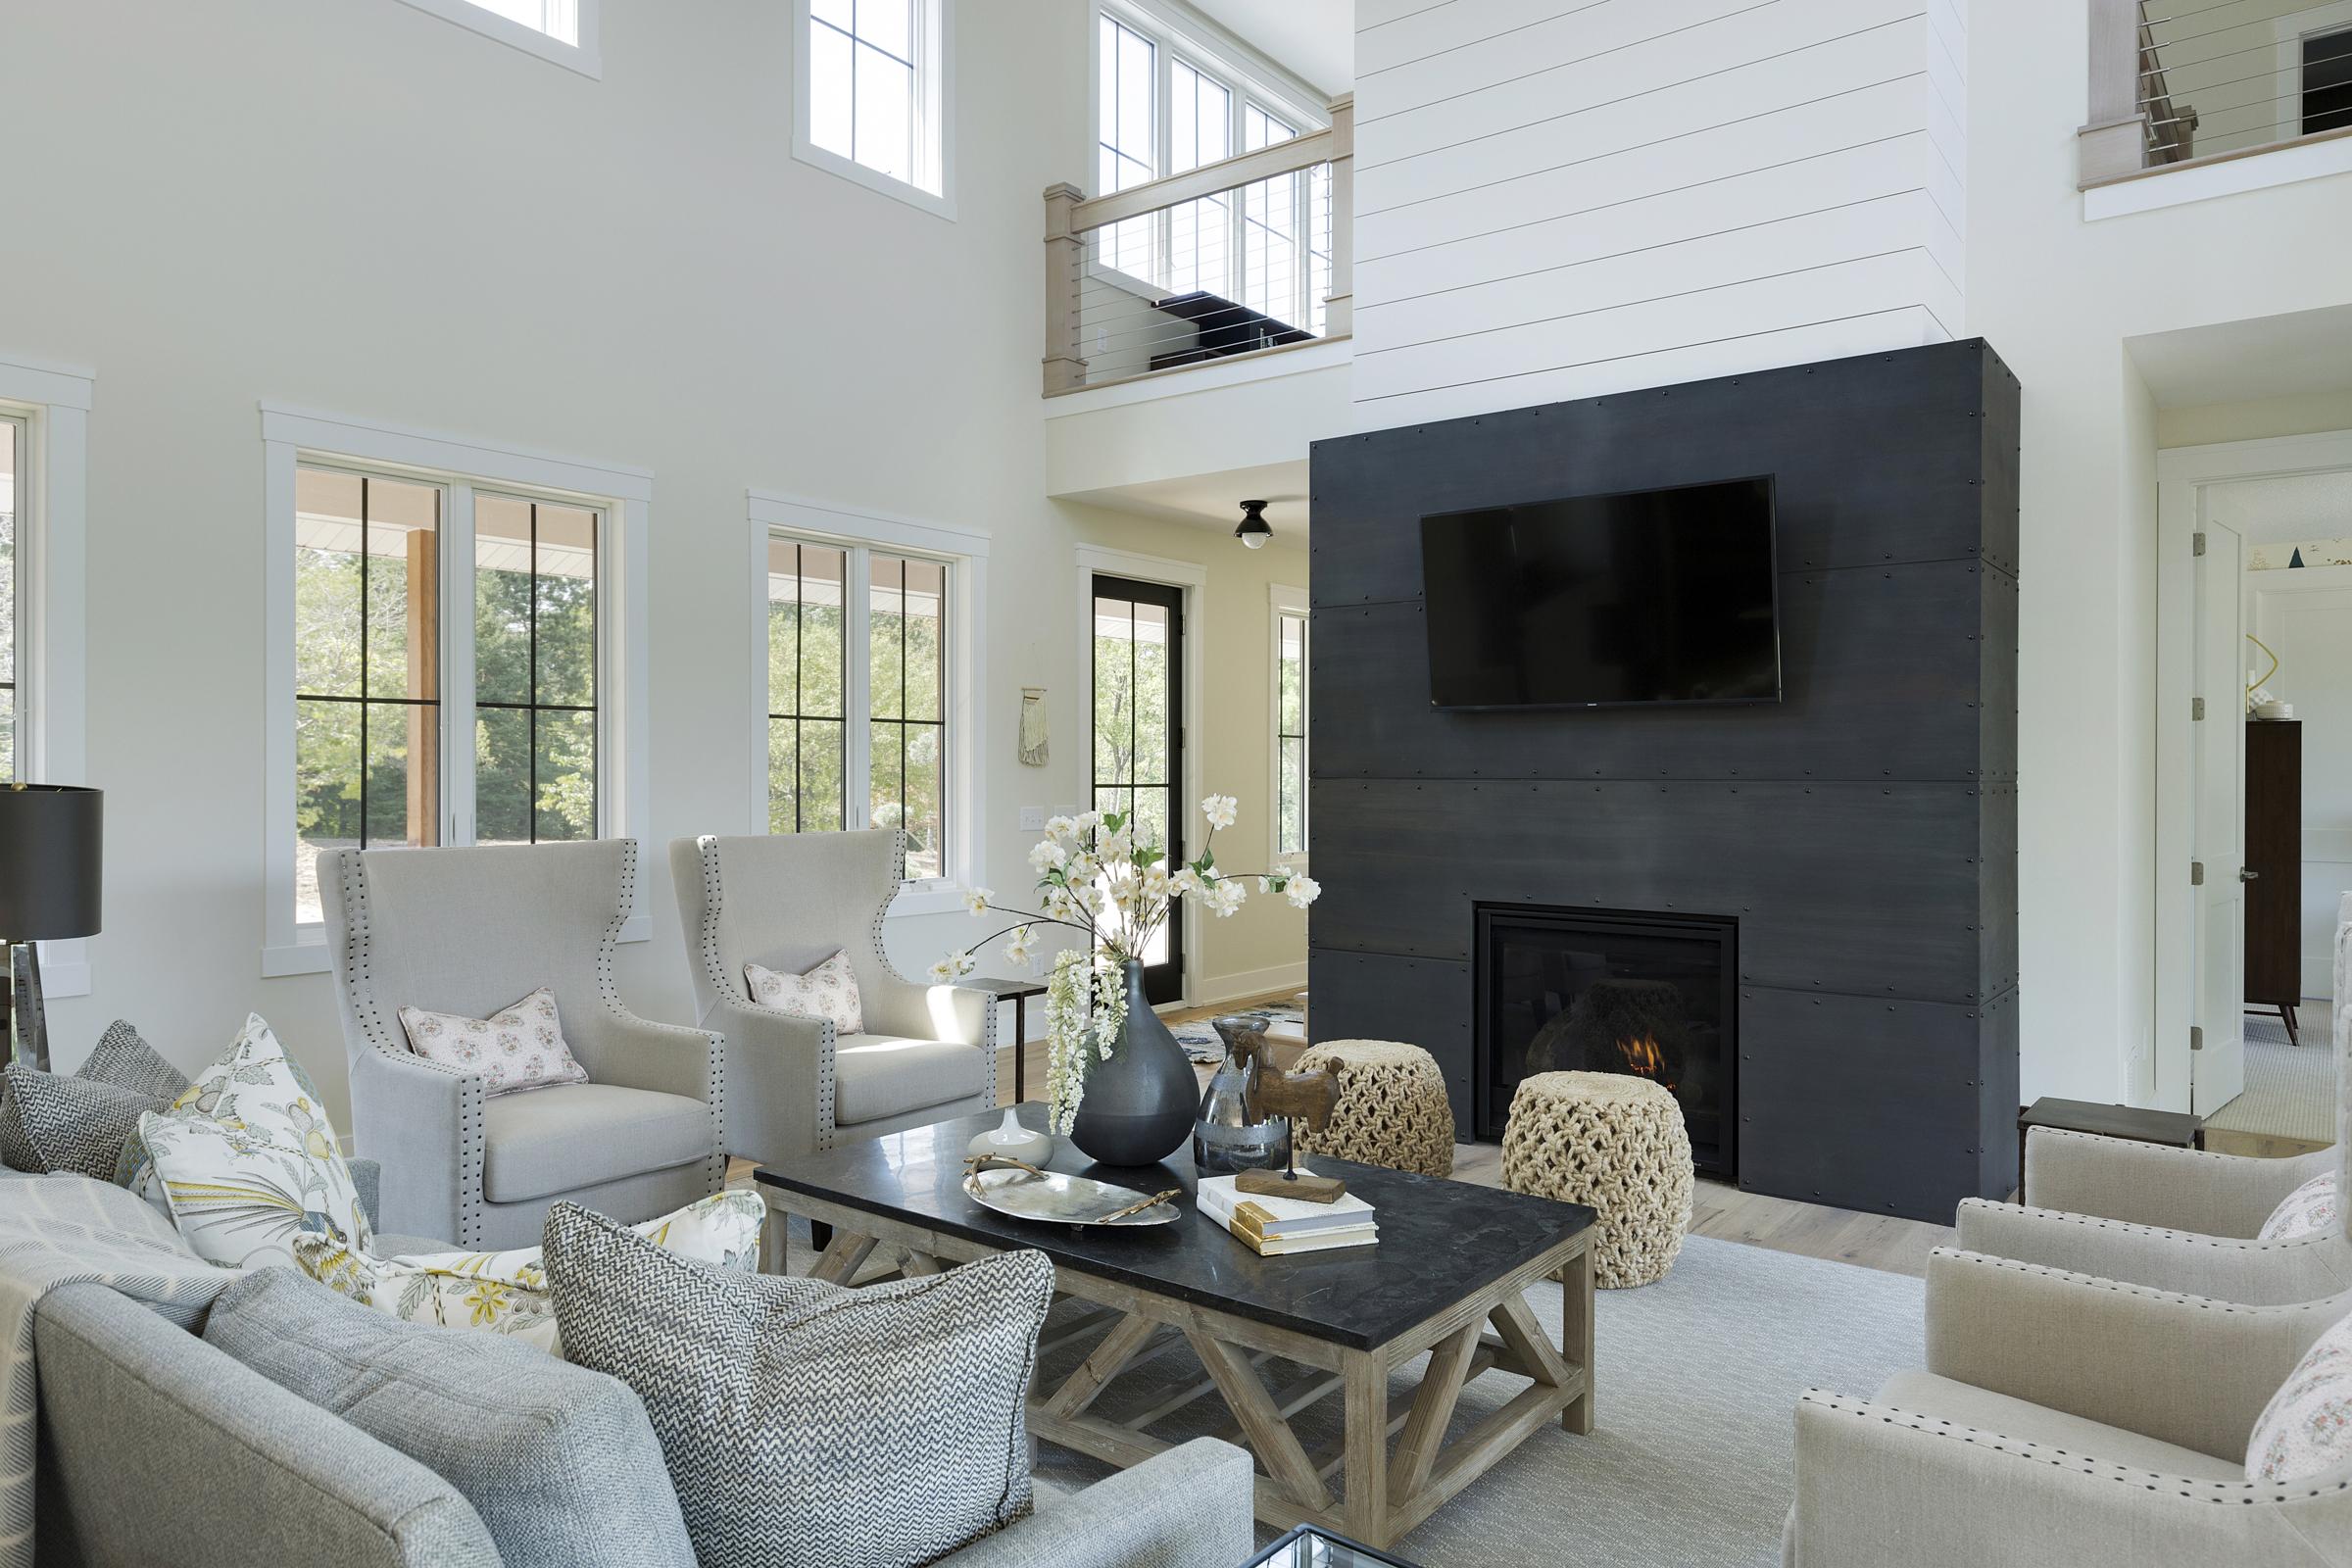 Home_Designer_StillwaterMN_06.jpg